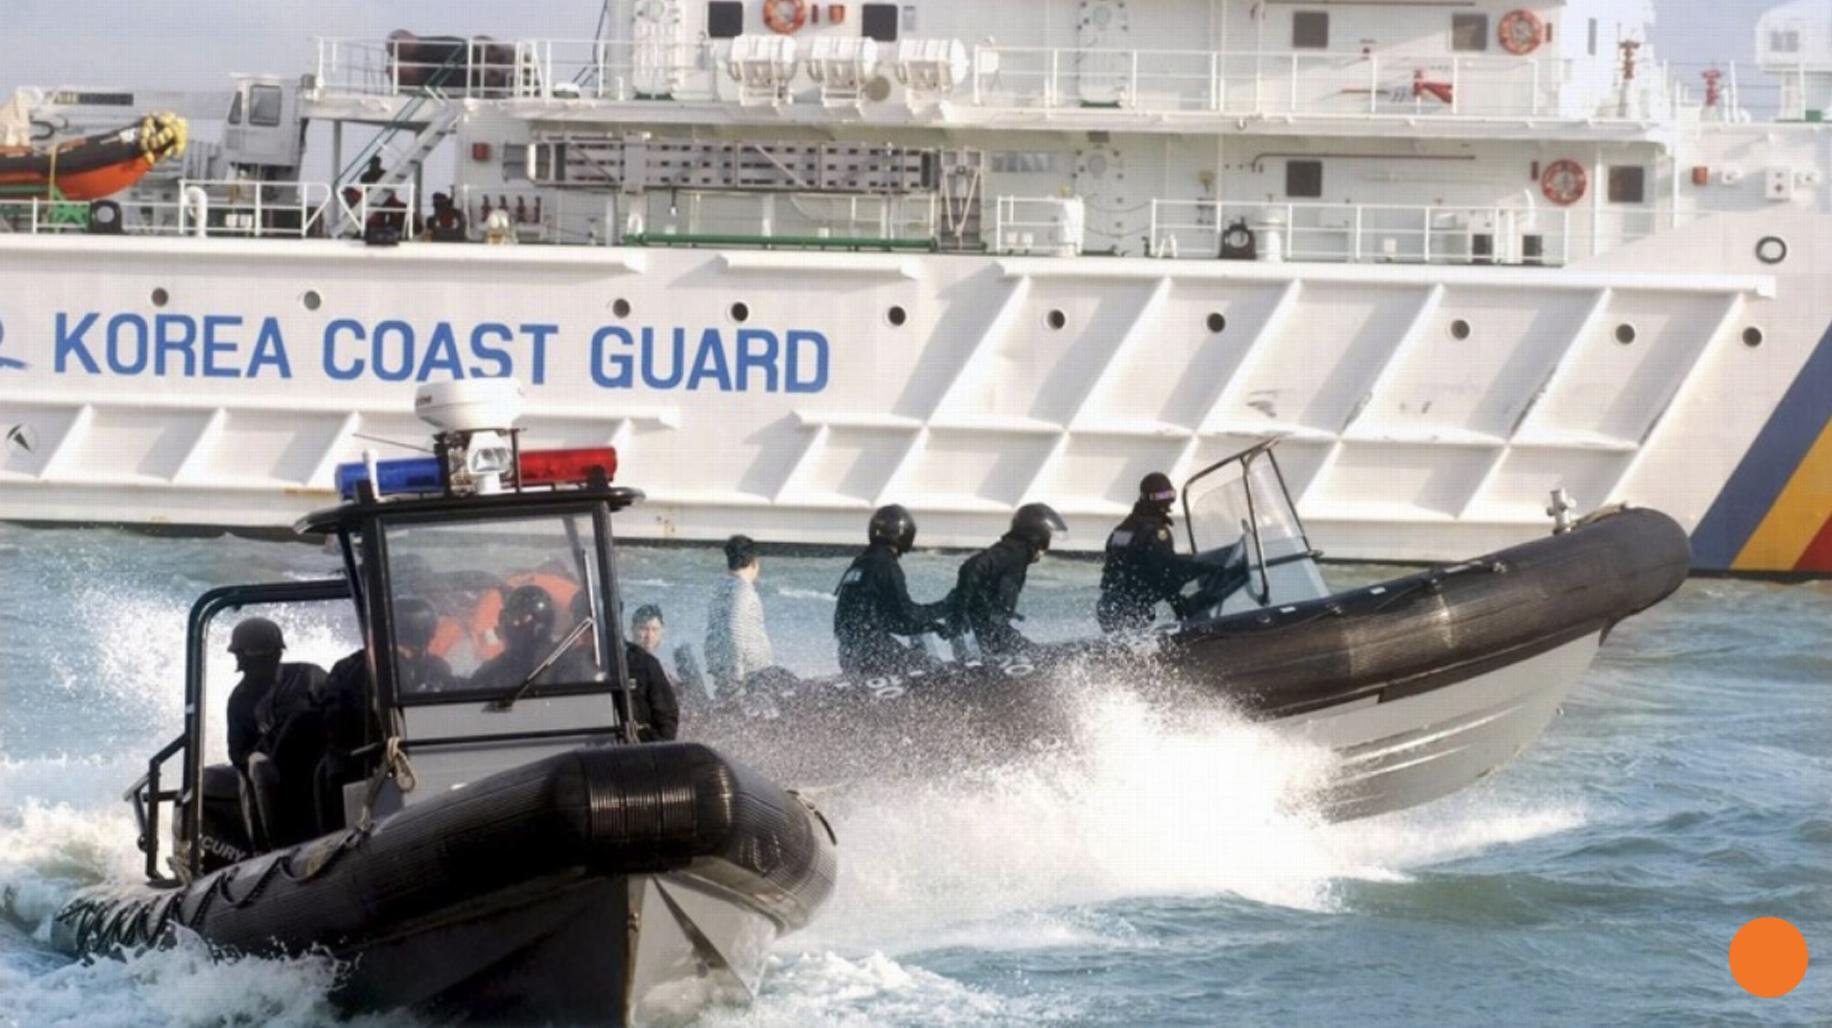 Nam Hàn bắn 249 phát súng cảnh cáo tàu cá Trung Cộng